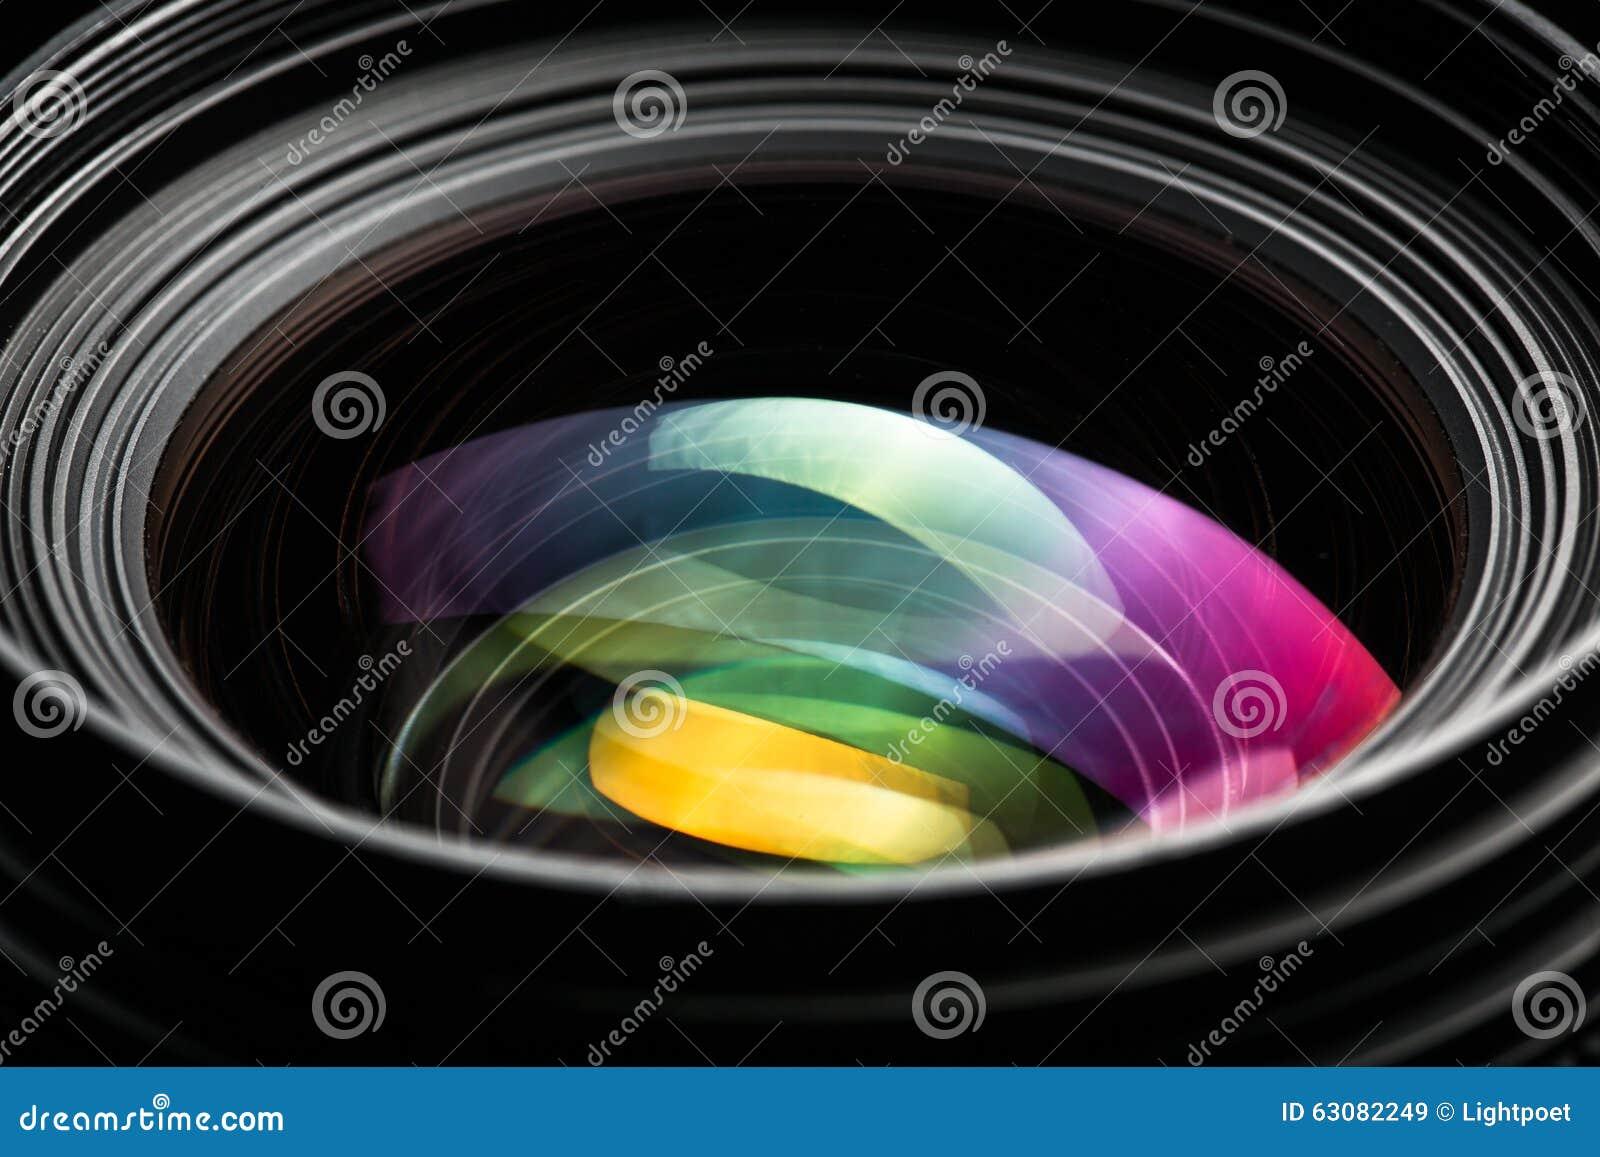 Professioneel modern DSLR-camera lense ow zeer belangrijk beeld